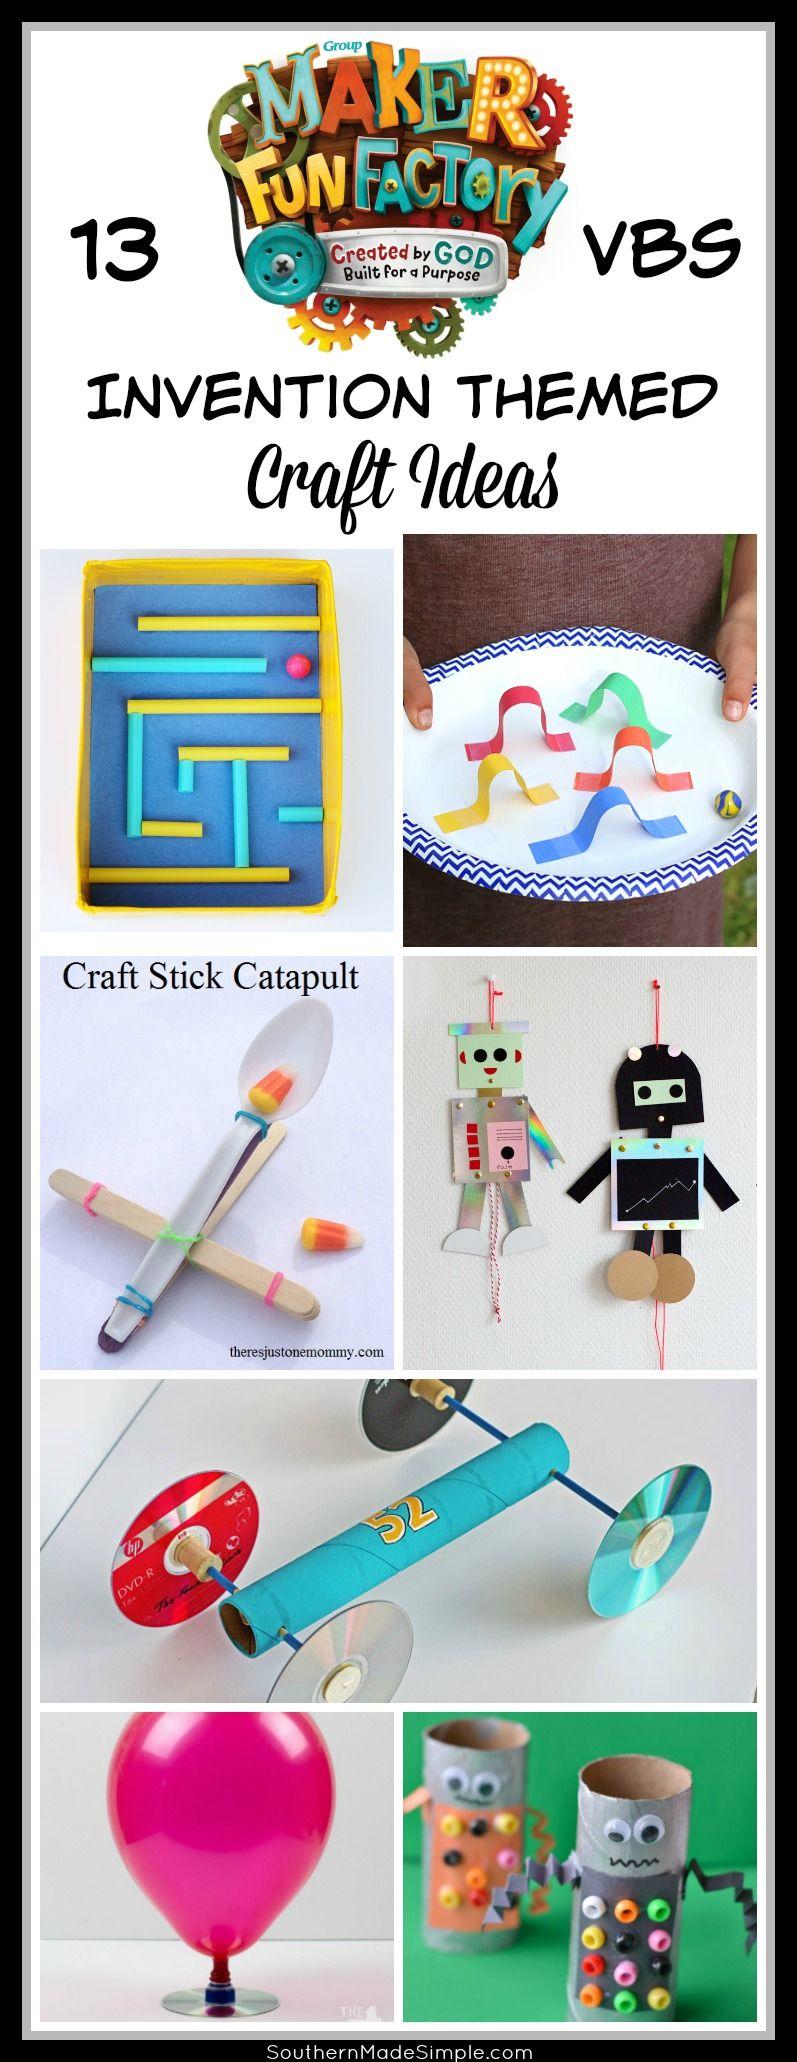 Beautiful Vacation Bible School Craft Ideas Kids Part - 7: 13 Maker Fun Factory Craft Ideas VBS -Invention Inspired Craft Ideas -  Robot Craft Ideas